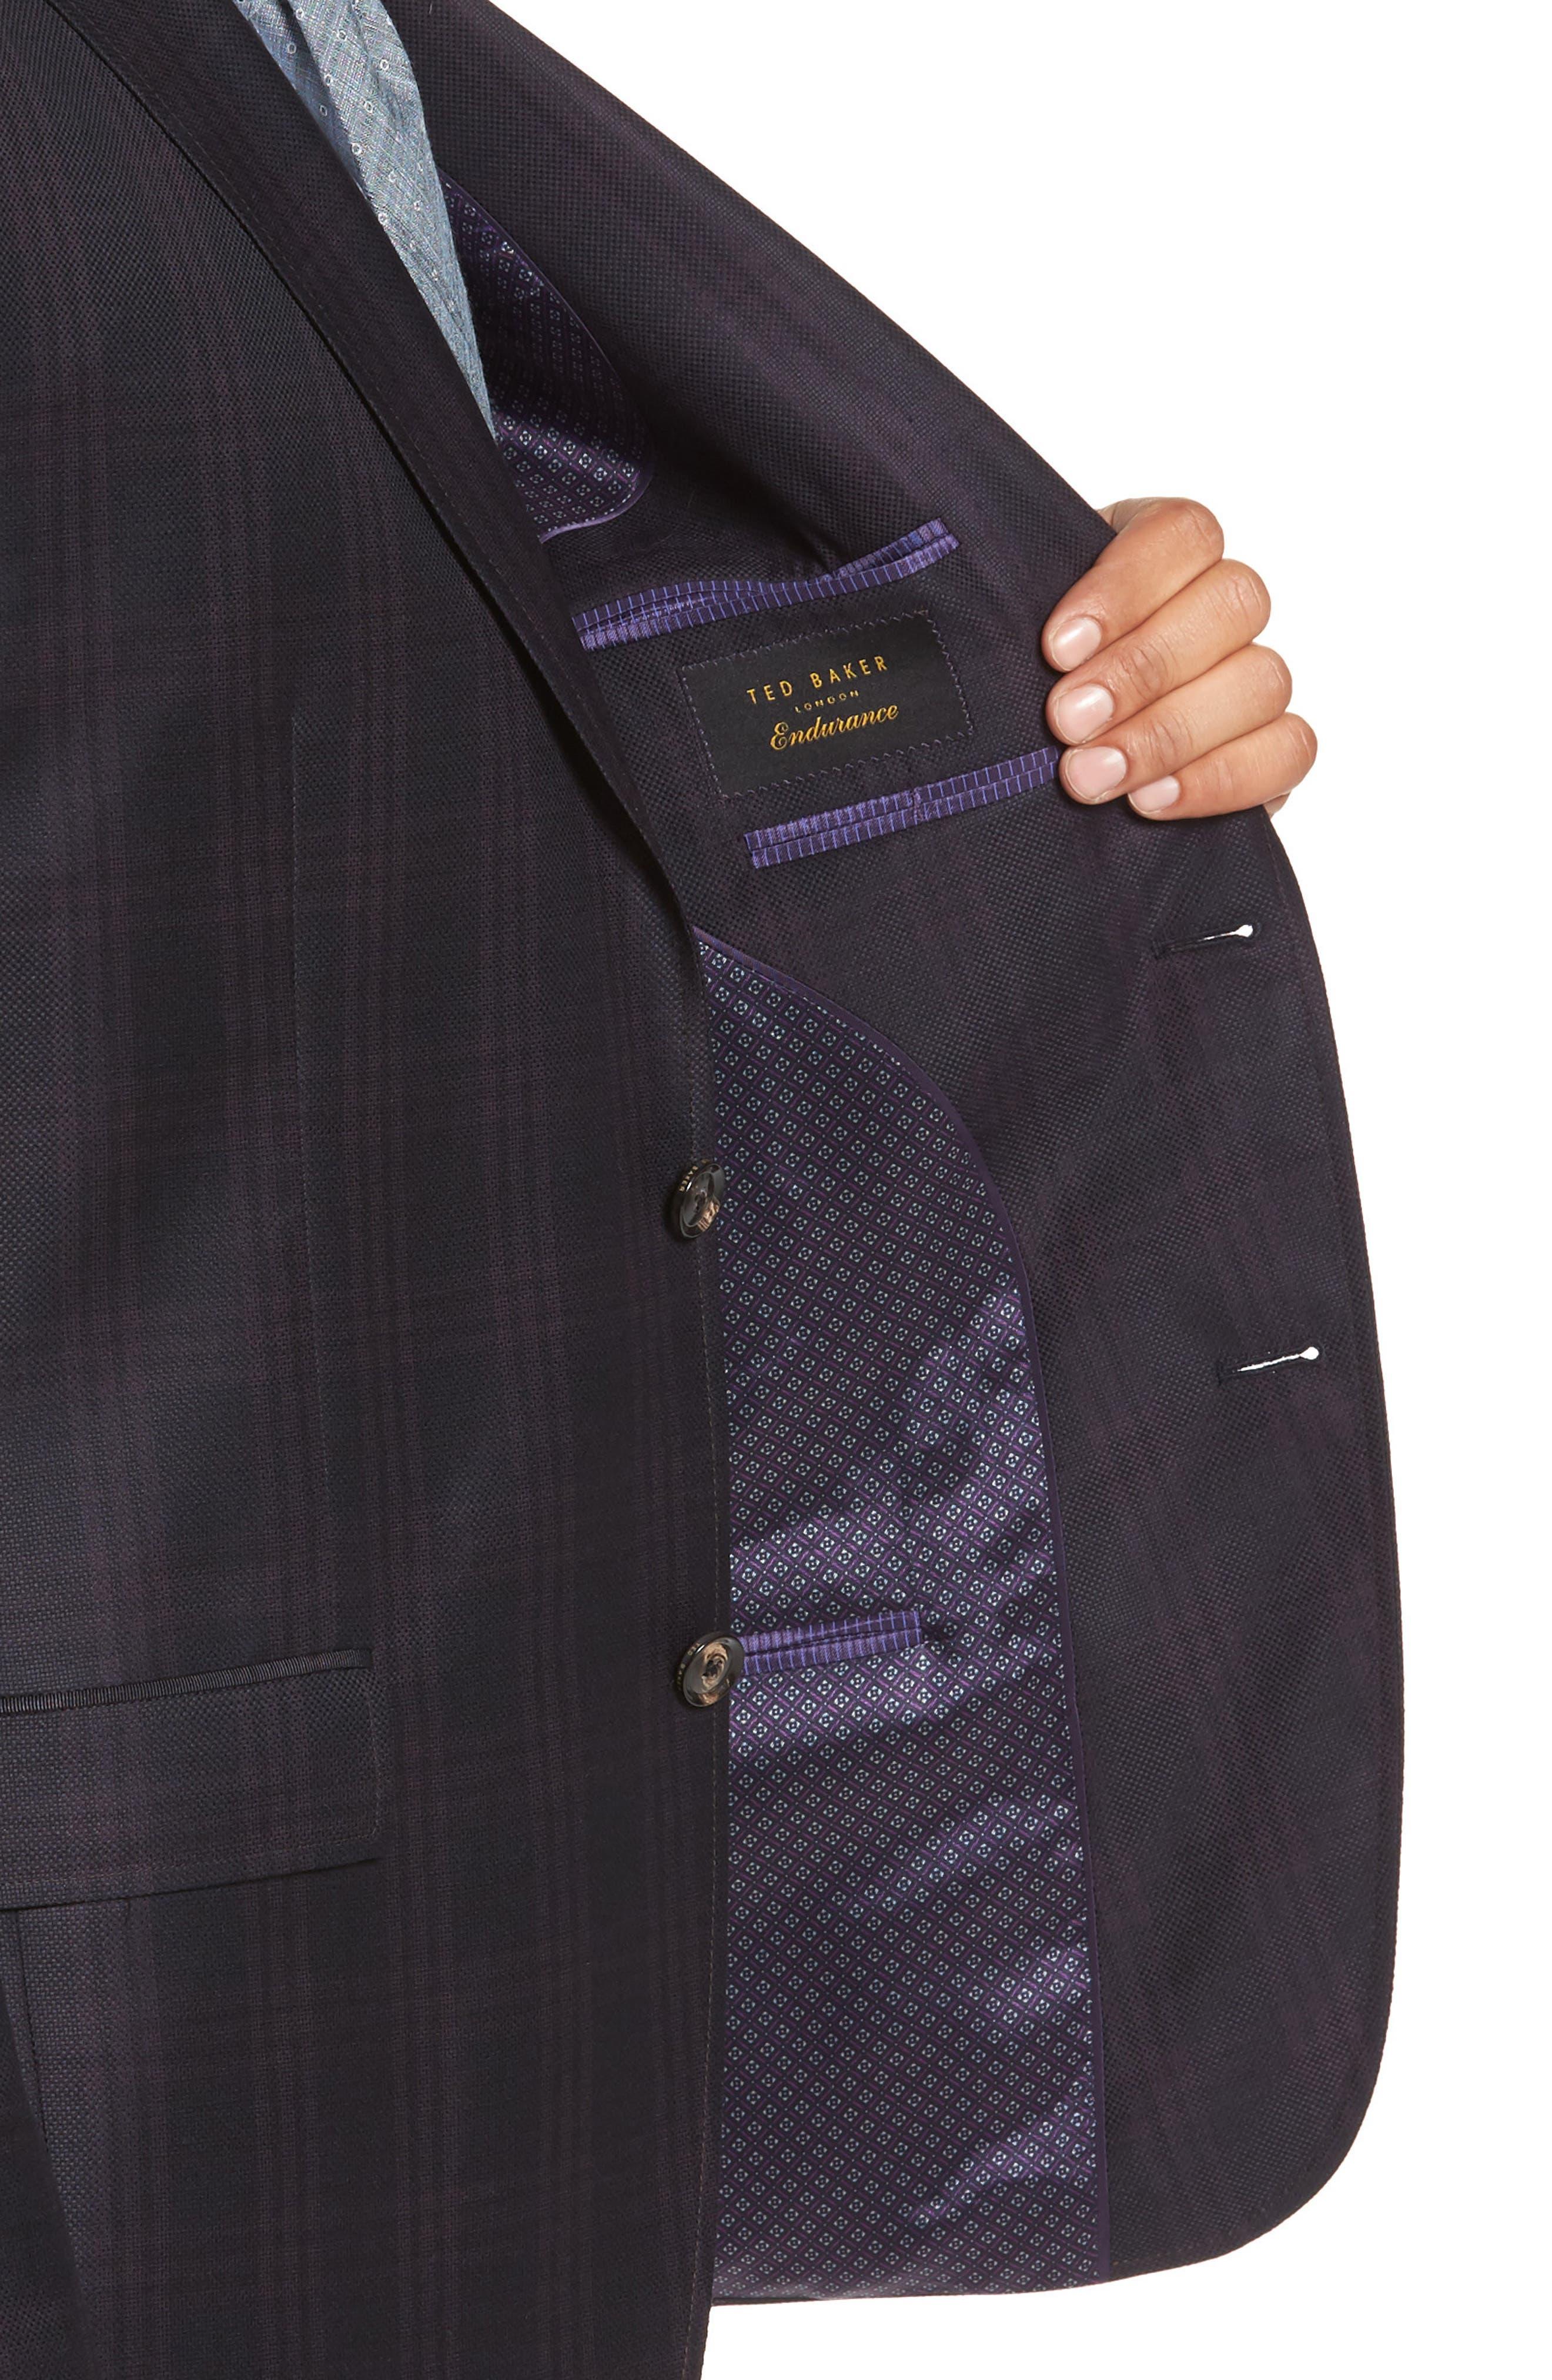 Jed Trim Fit Plaid Wool Sport Coat,                             Alternate thumbnail 4, color,                             001